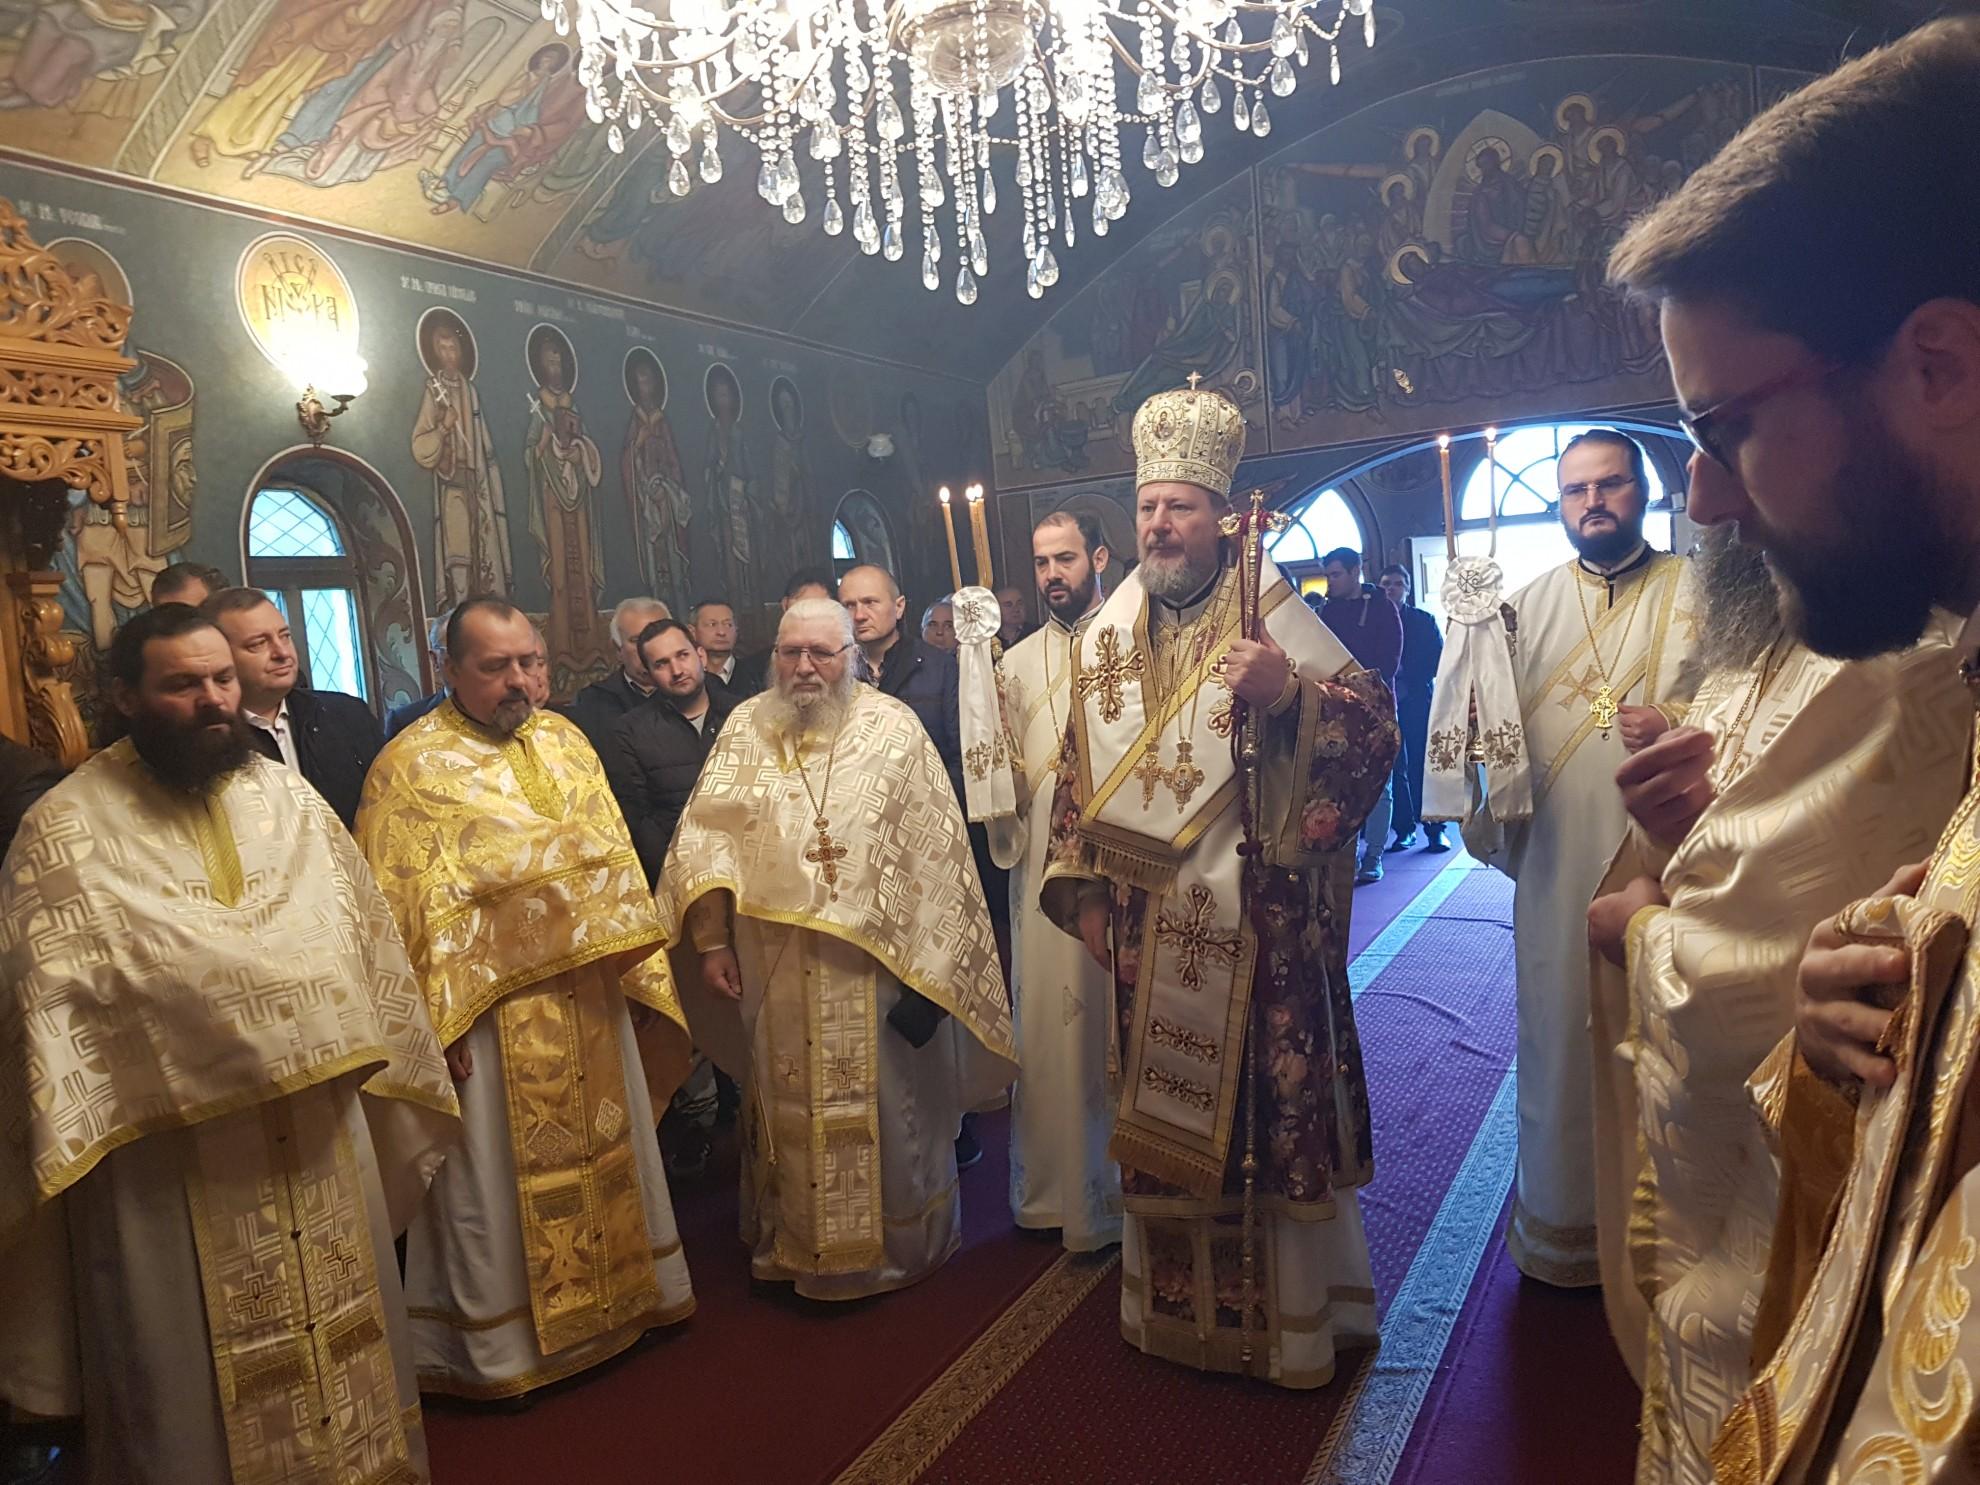 (FOTO) Liturghie arhierească la Mănăstirea Feredeu, în Duminica a doua din Postul Nașterii Domnului